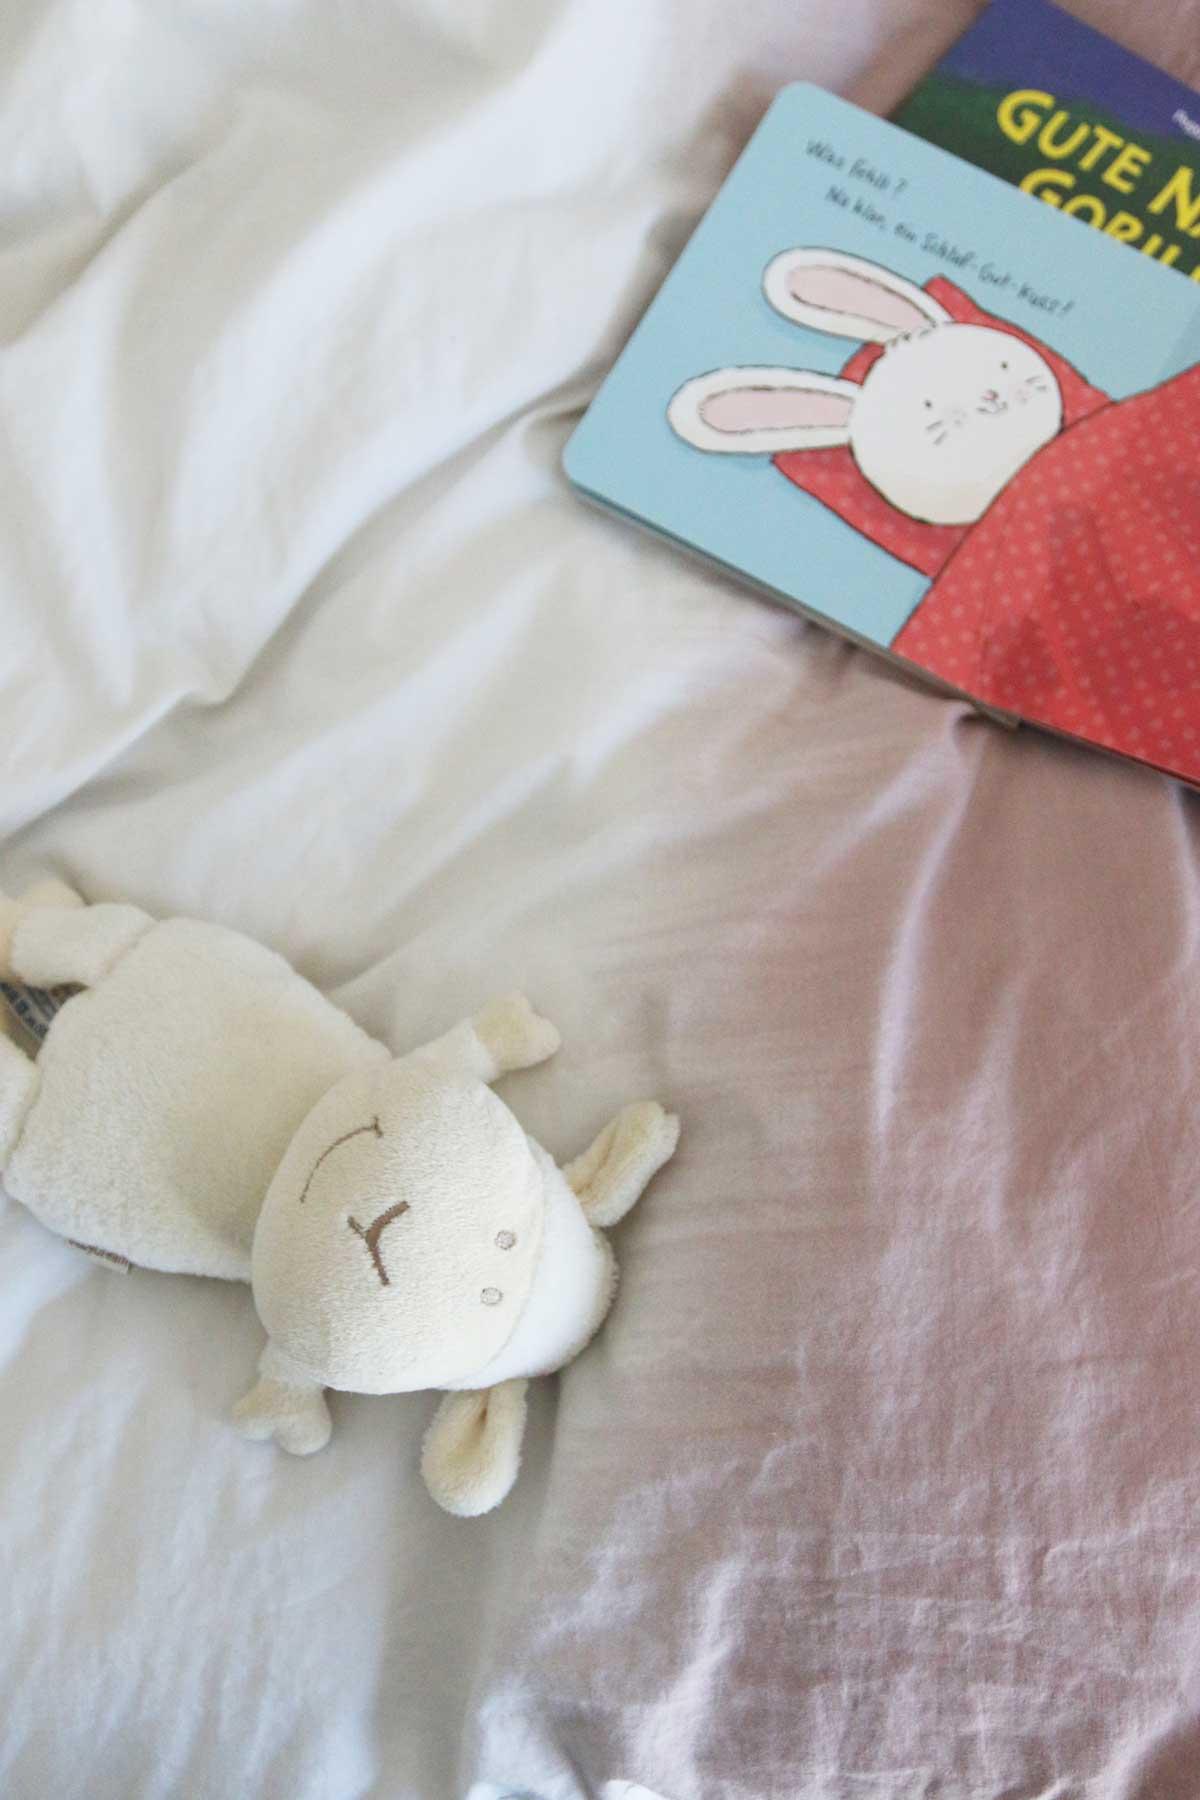 Babyerstausstattung Gute Nacht Gorilla